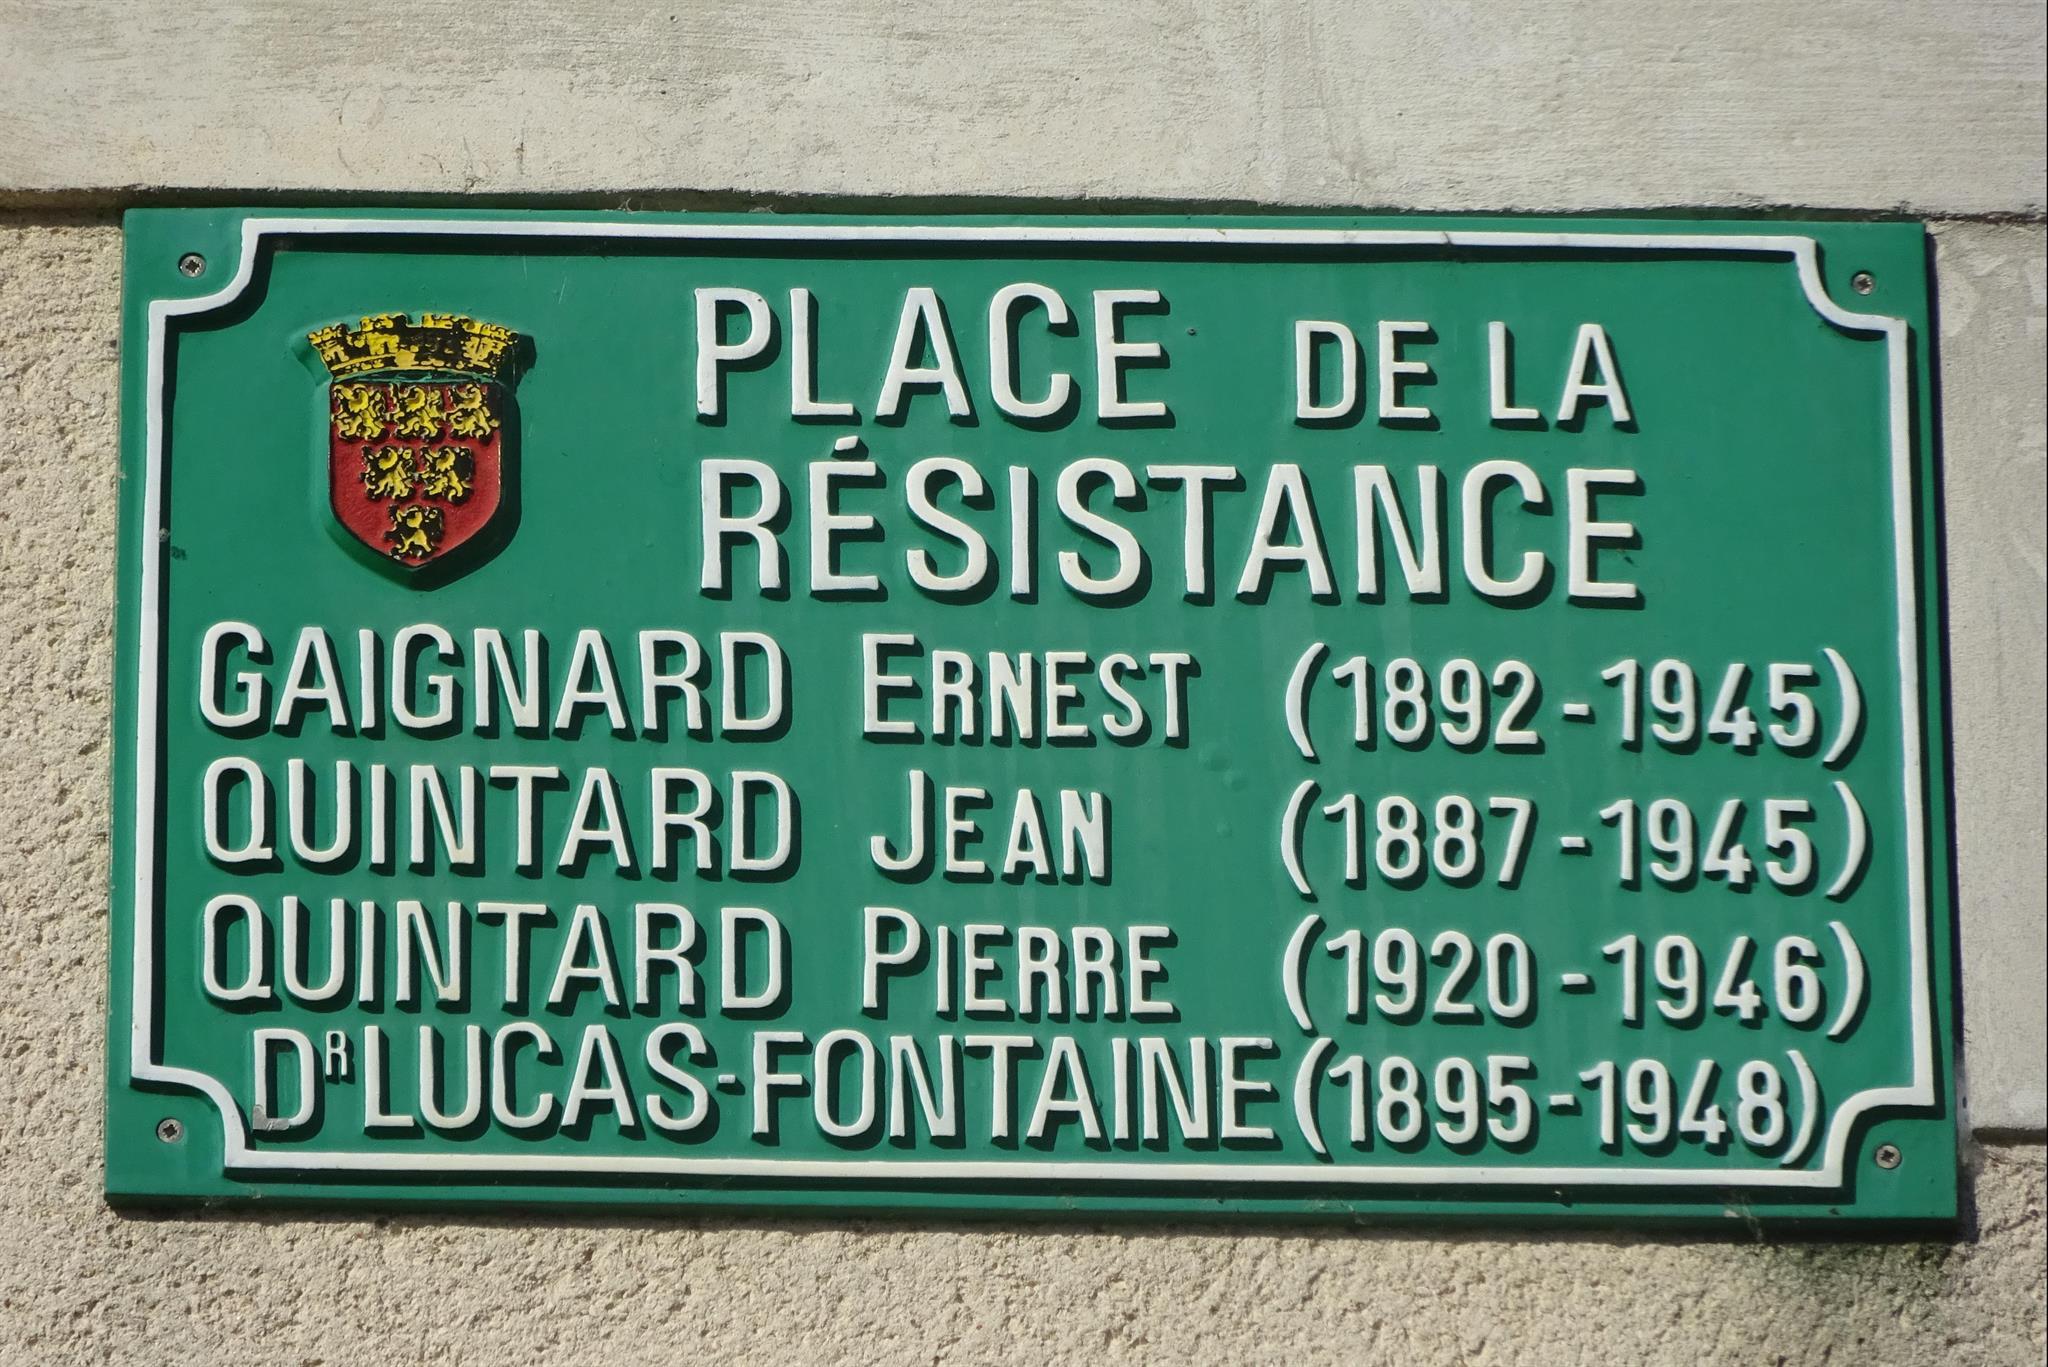 Sillé le Guillaume - Plaque de rue - Place de la Résistance - GAIGNARD Ernest - QUINTARD Jean - QUINTARD Pierre - Dr LUCAS FONTAINE Jean Pierre Marie